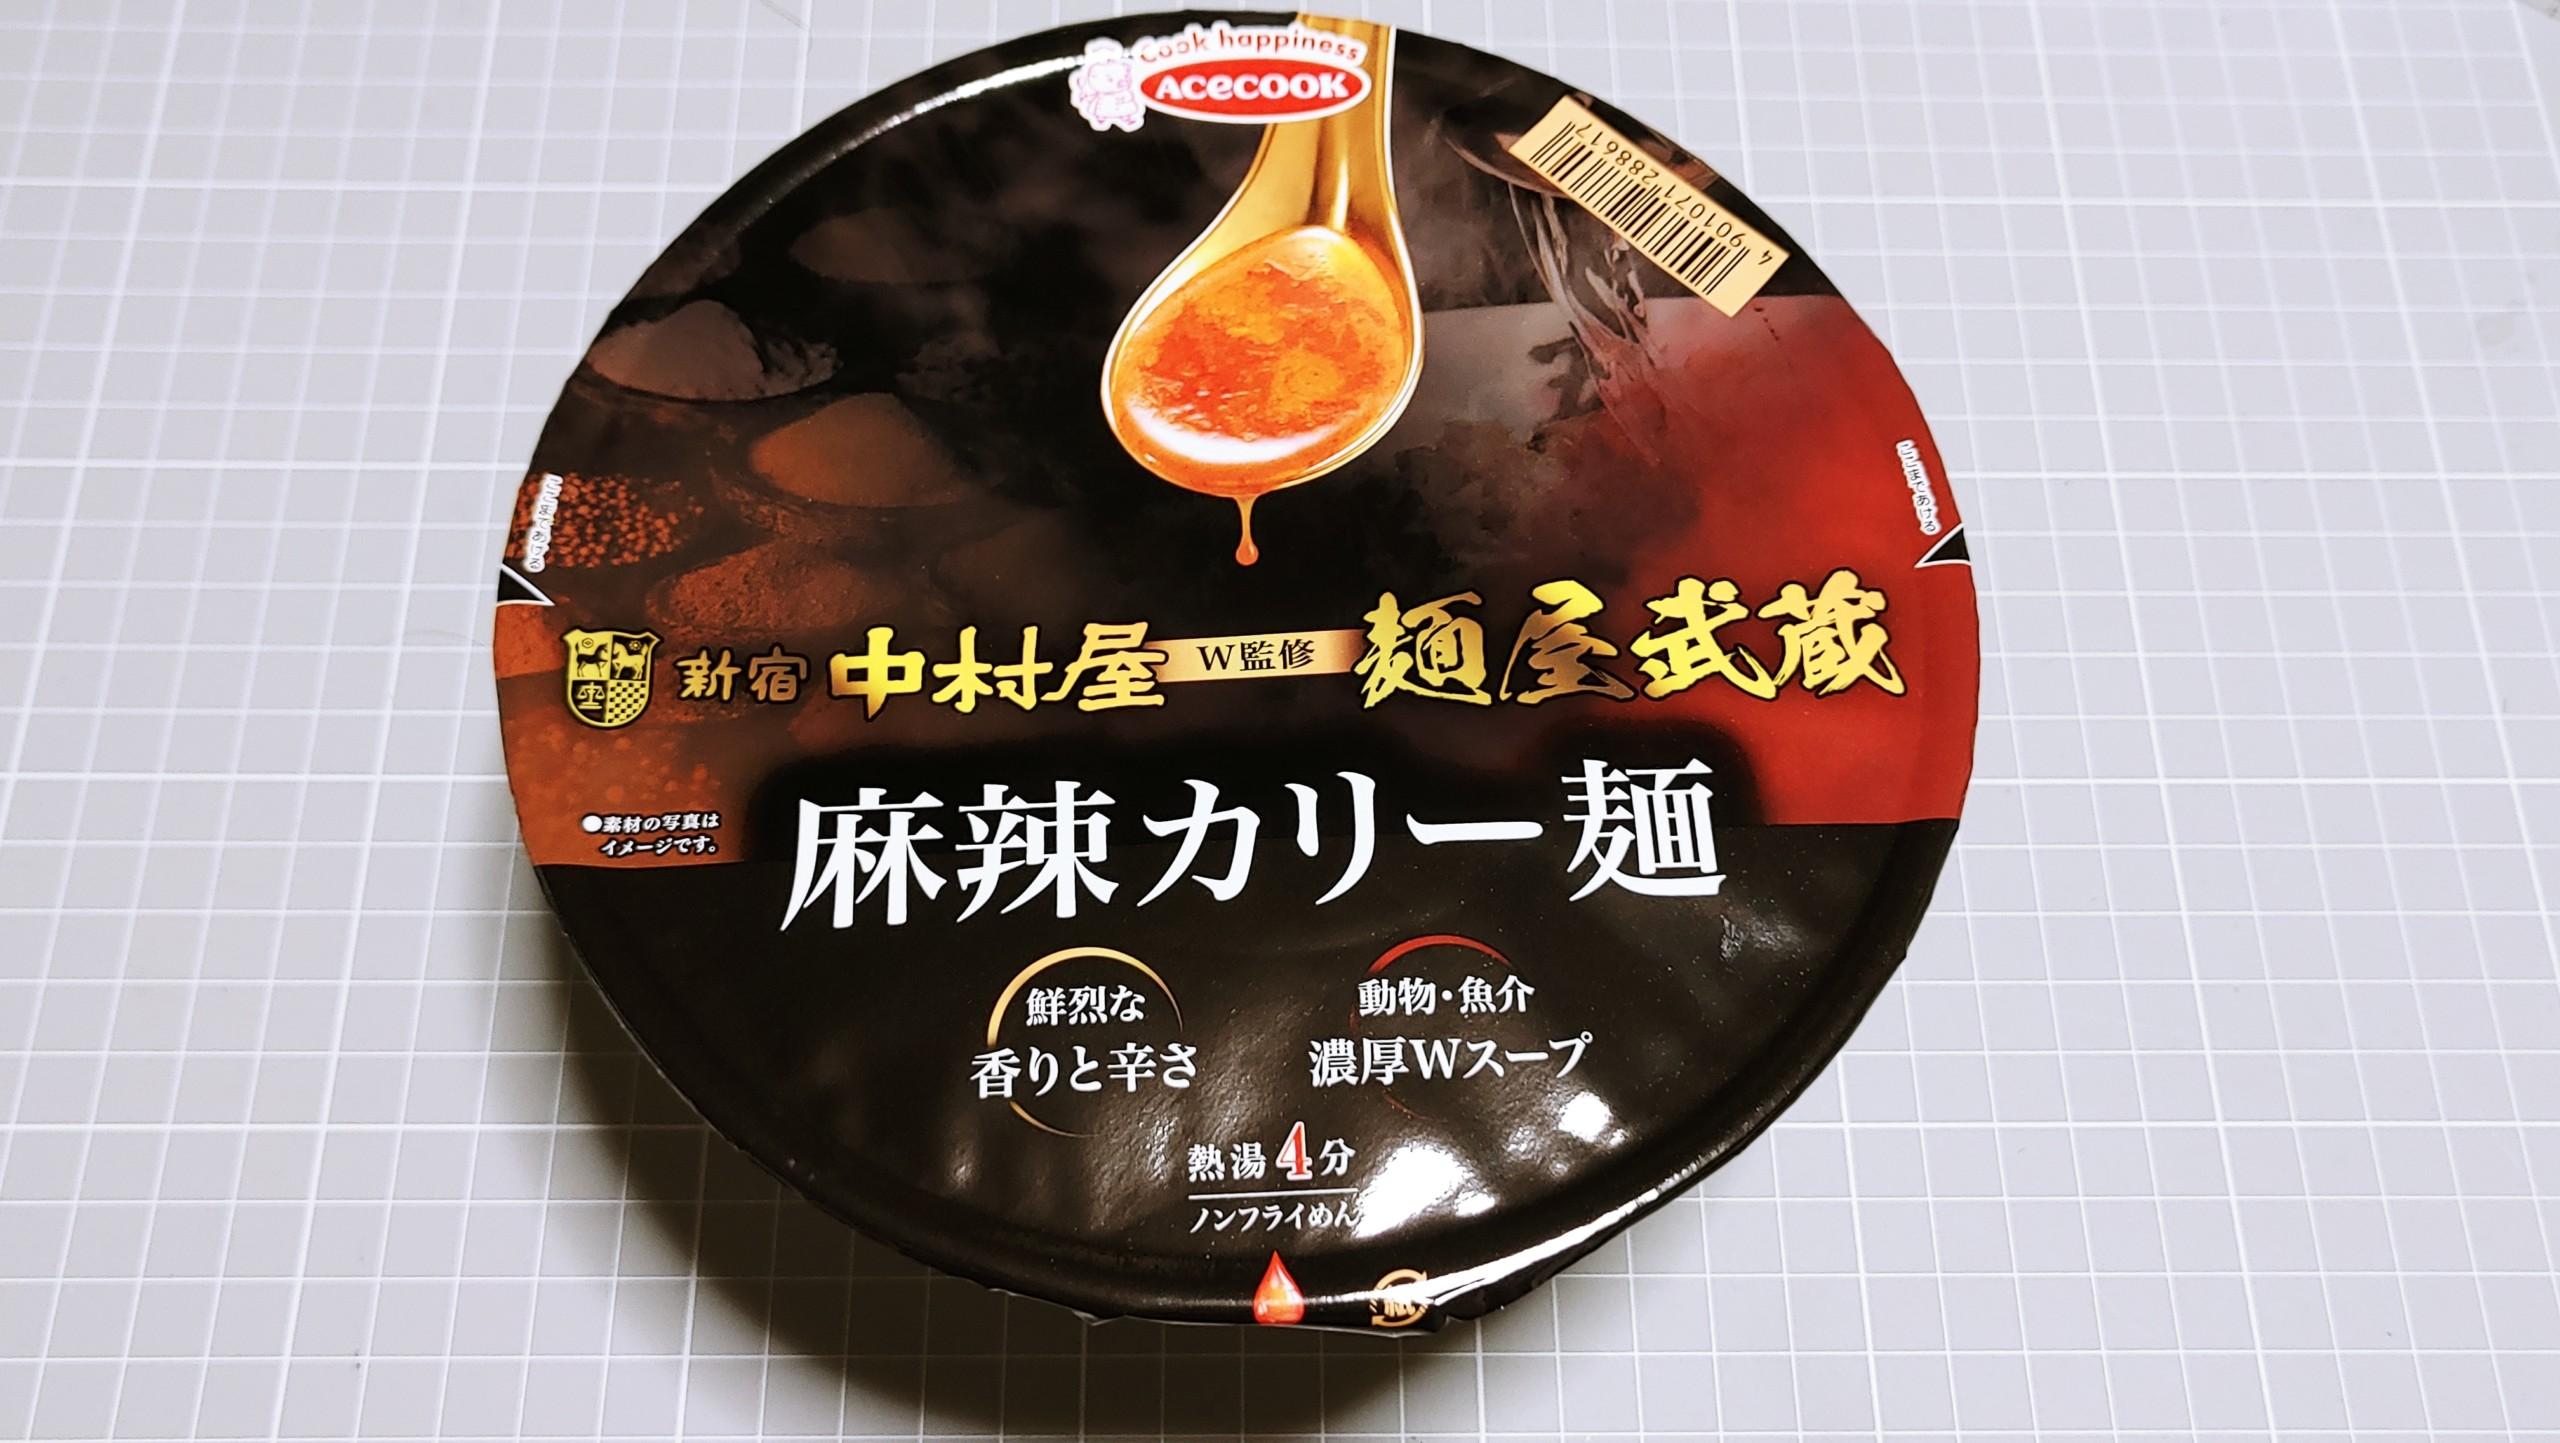 エースコック 麻辣カリー麺